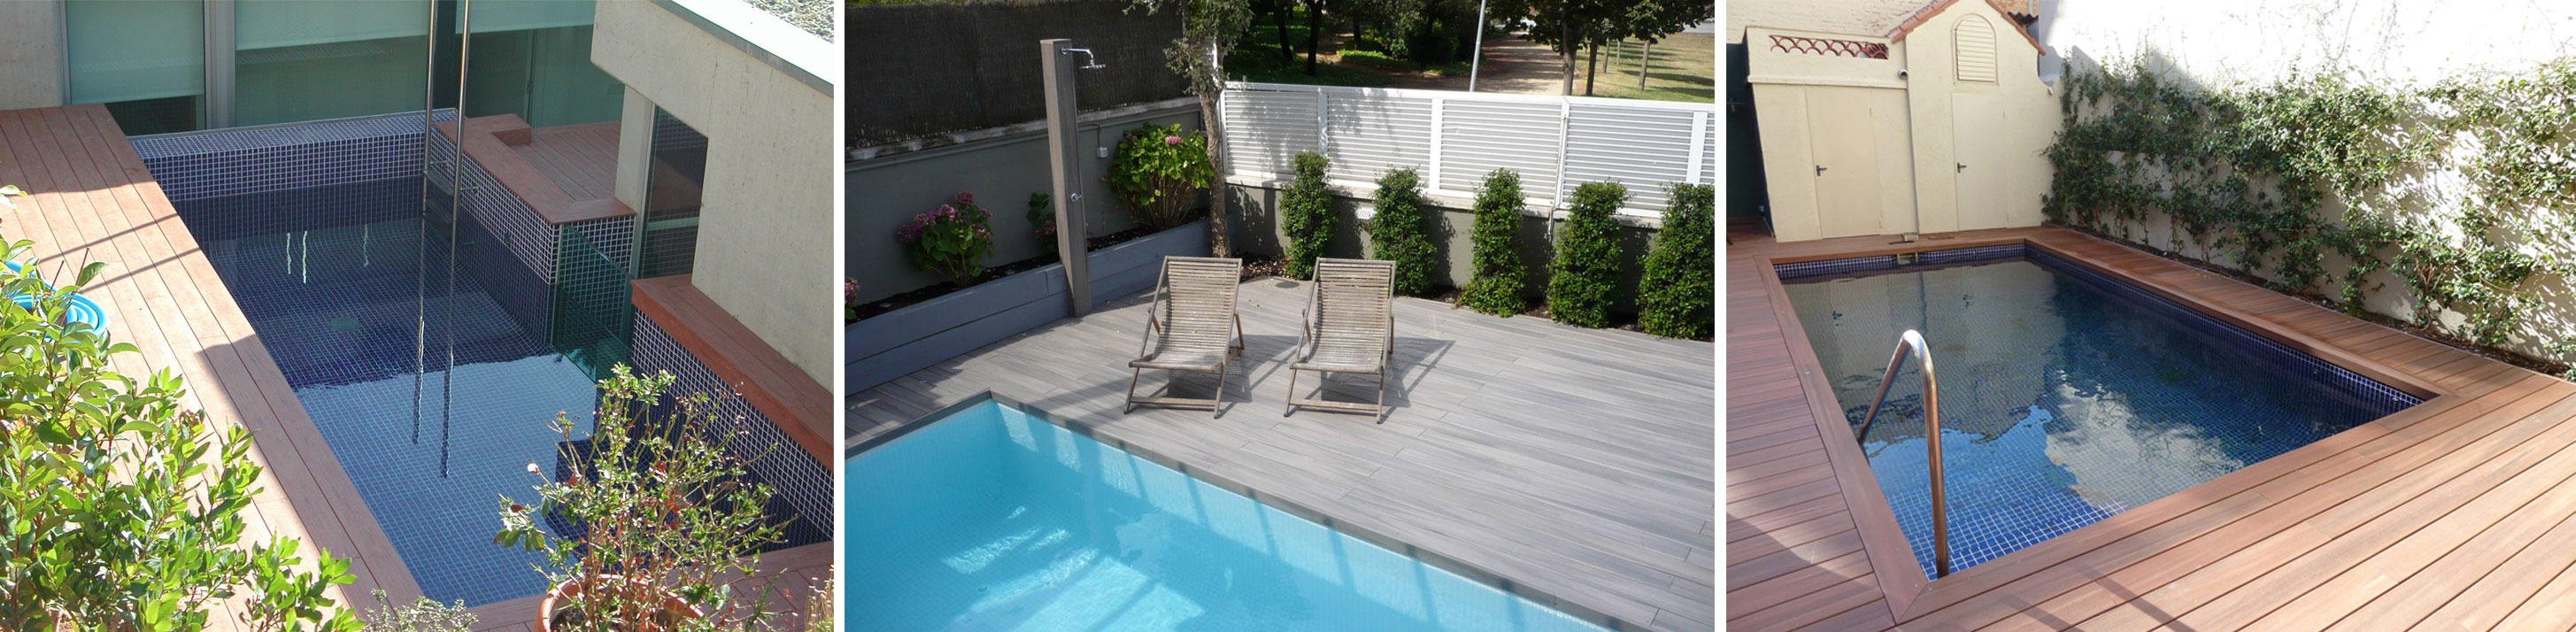 Terrace Pools piscinas para terraza | mqs be green - creamos espacios de agua